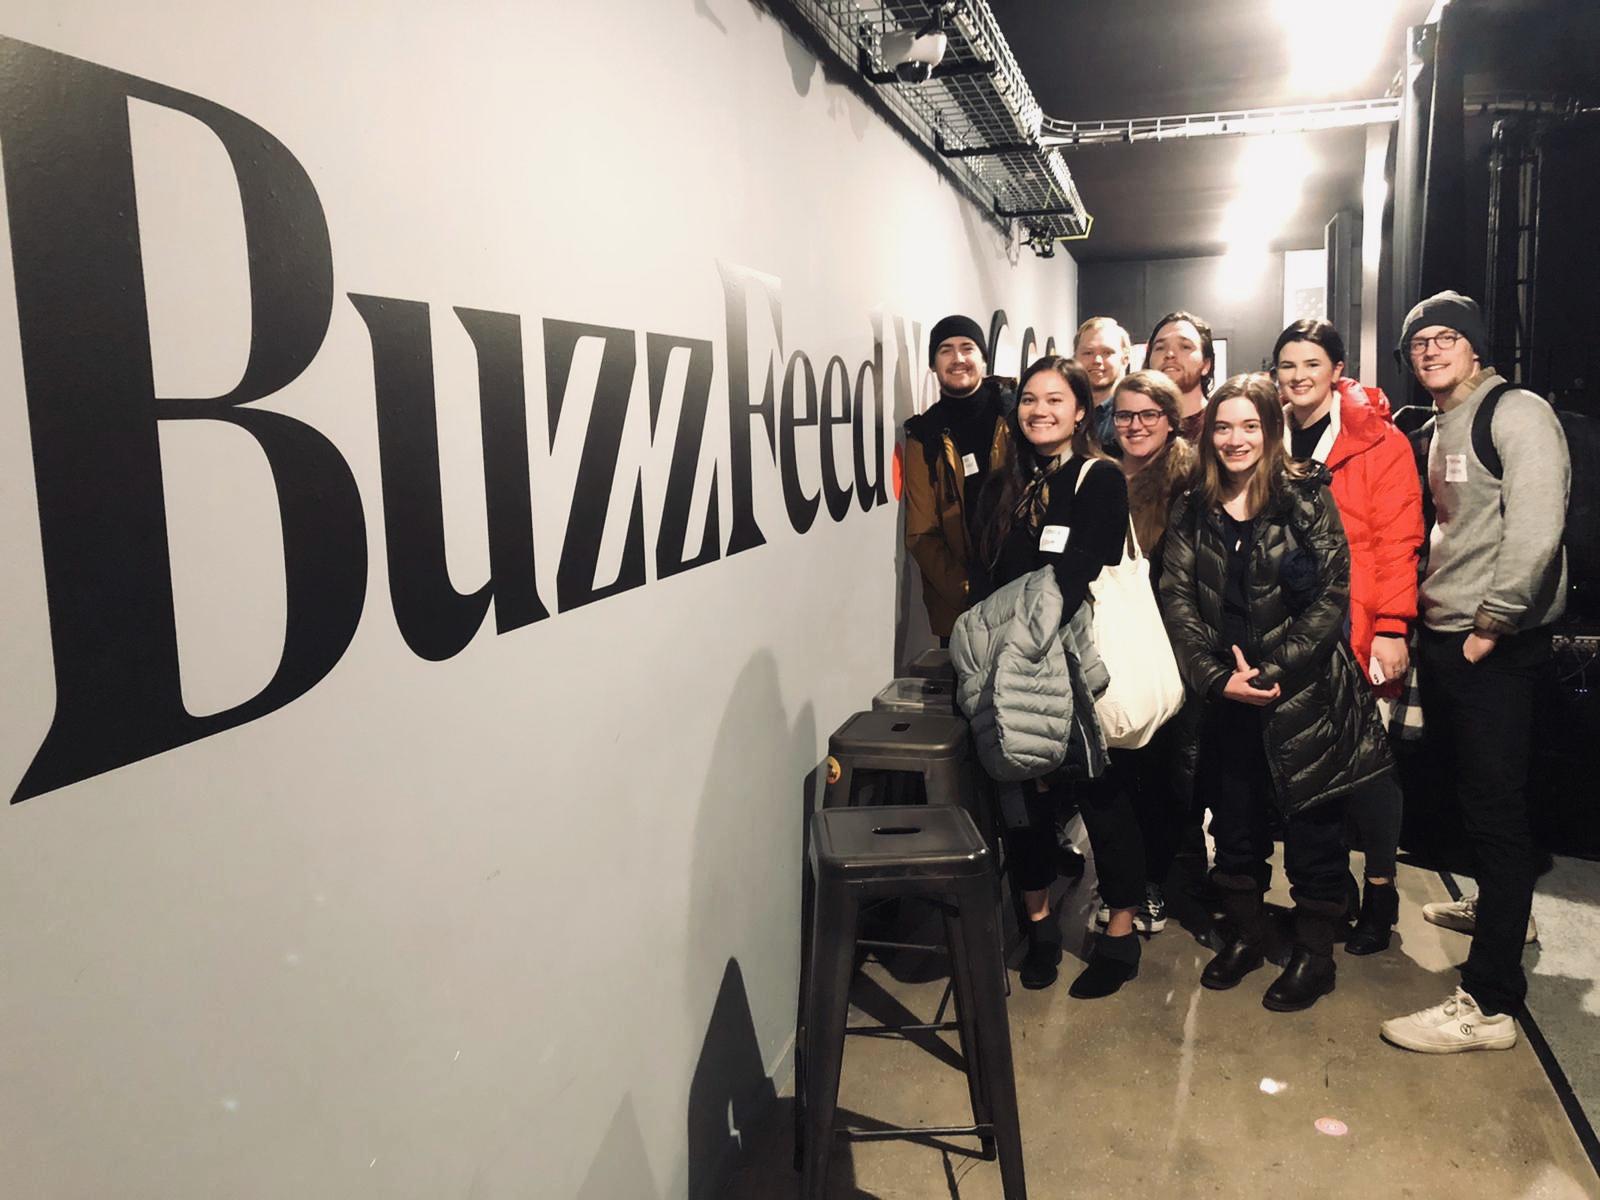 Buzzfeed Tour